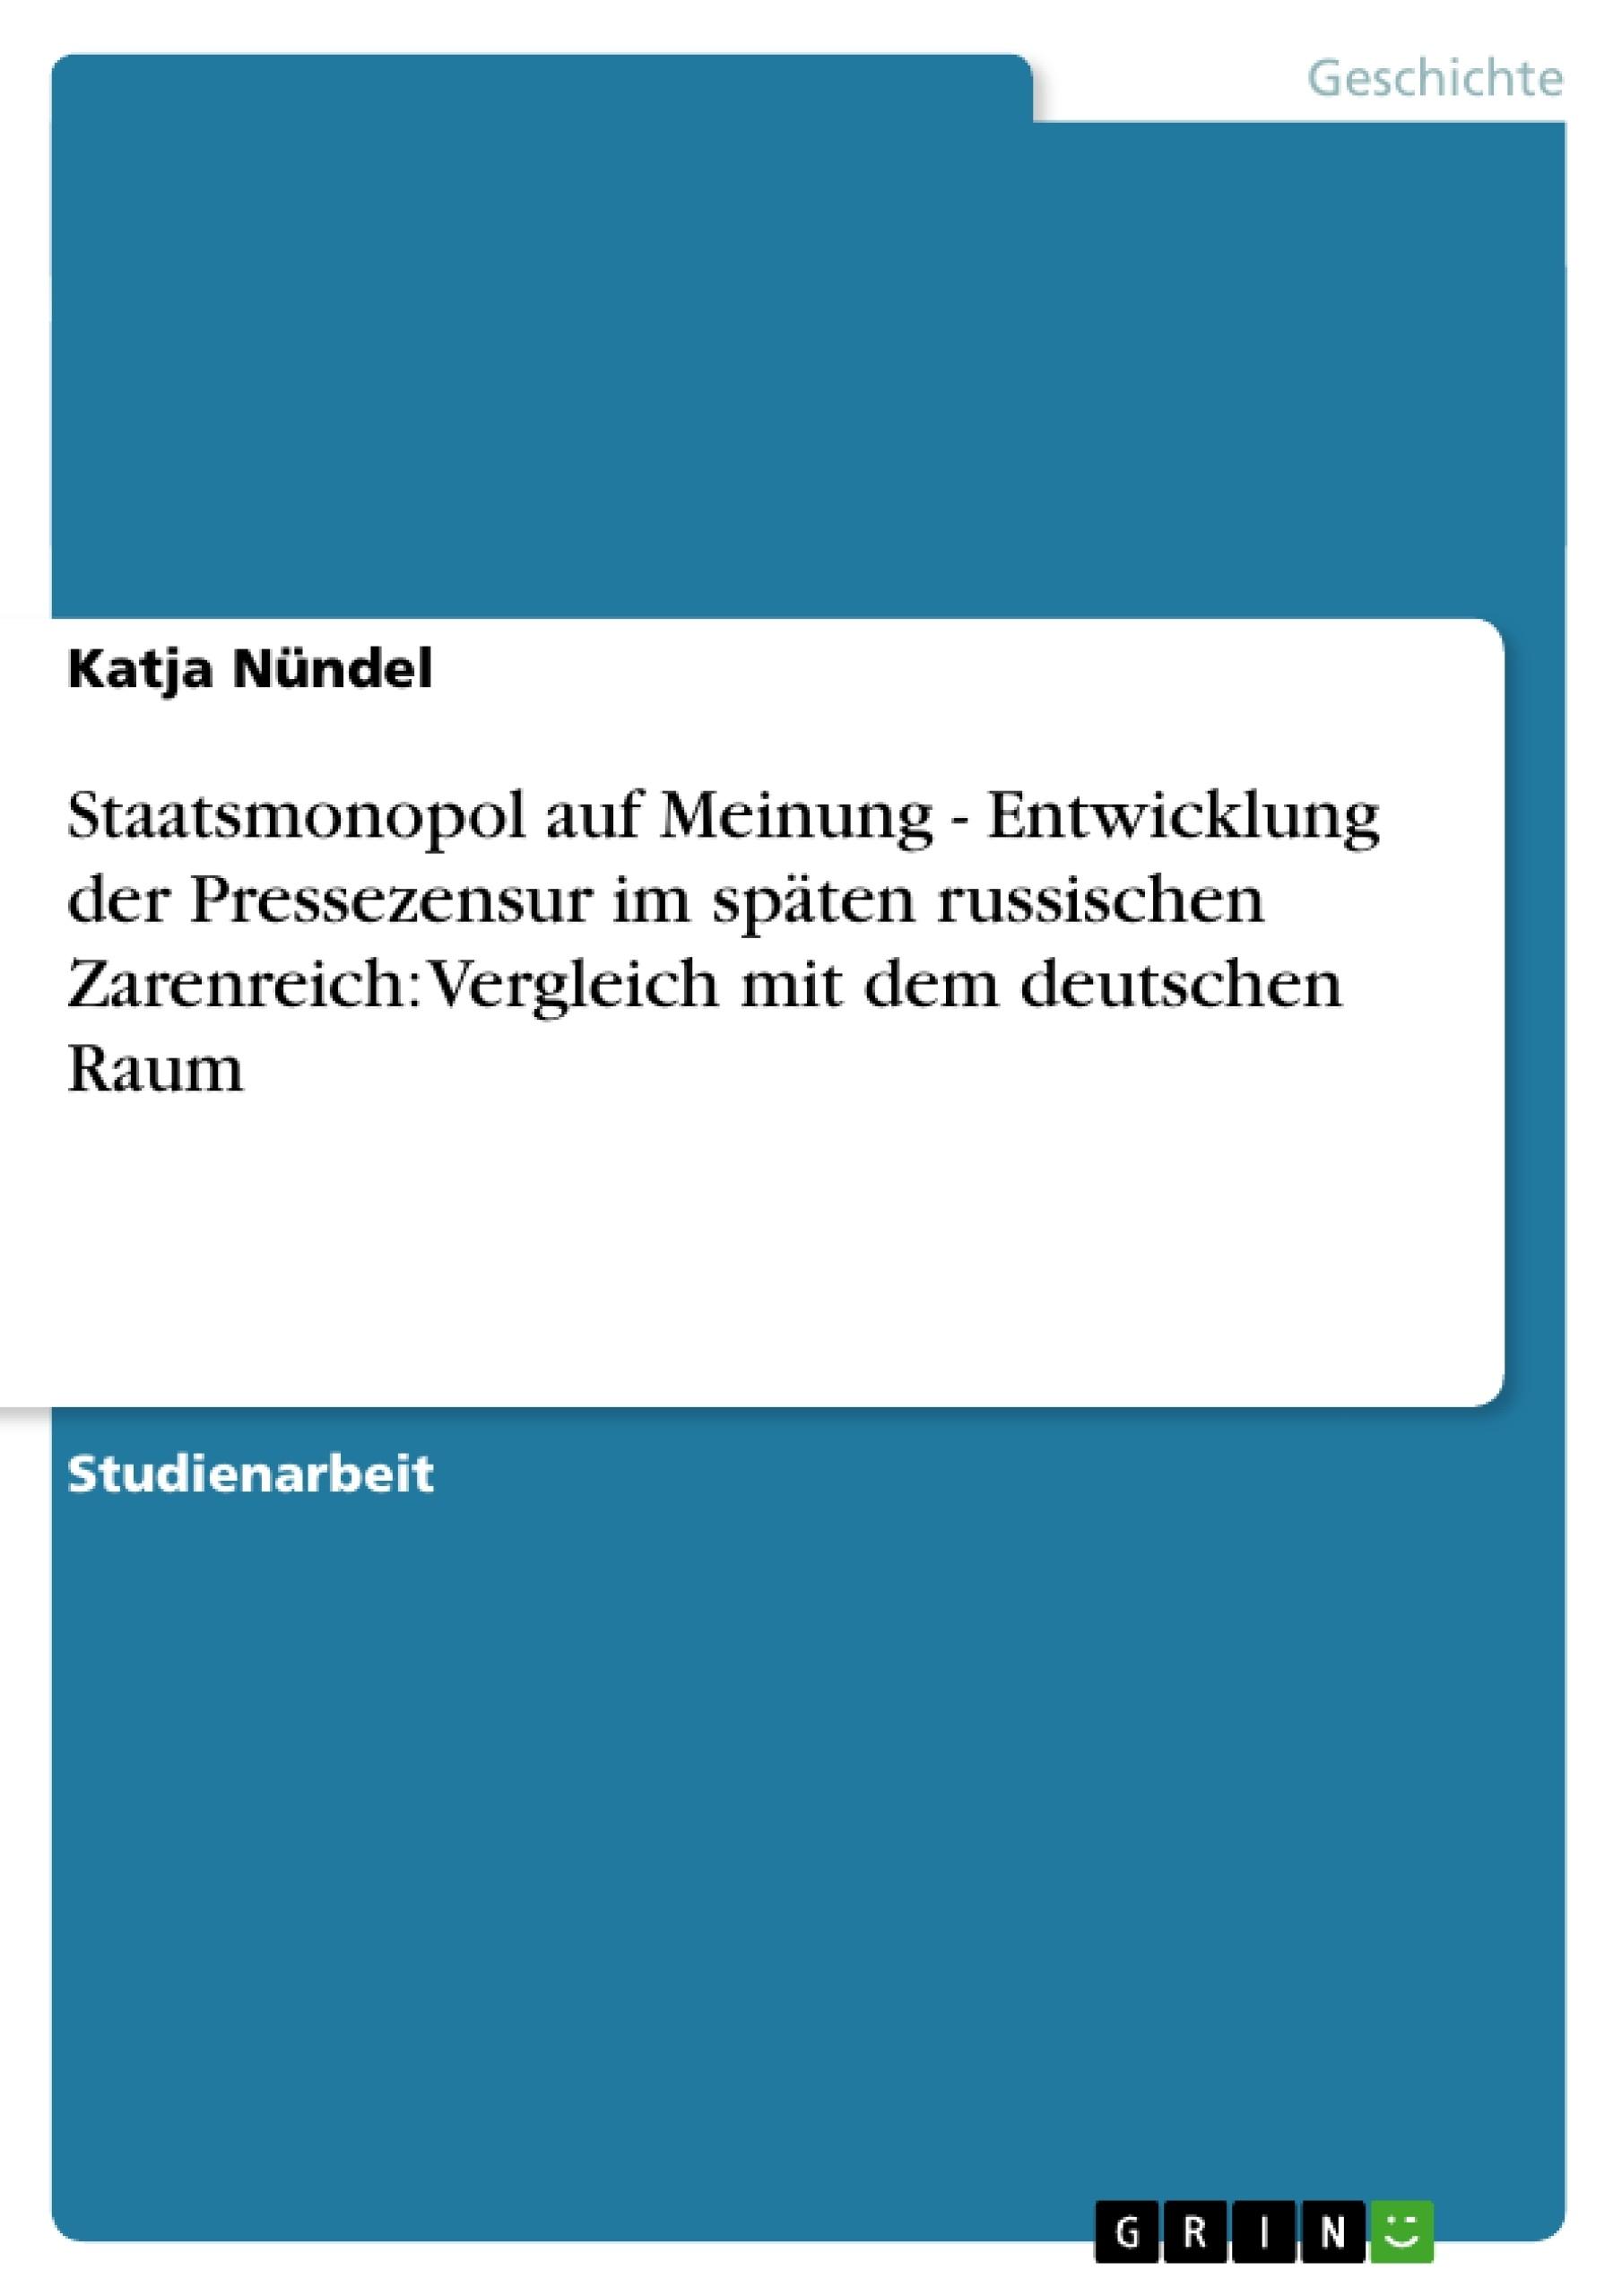 Titel: Staatsmonopol auf Meinung - Entwicklung der Pressezensur im späten russischen Zarenreich: Vergleich mit dem deutschen Raum